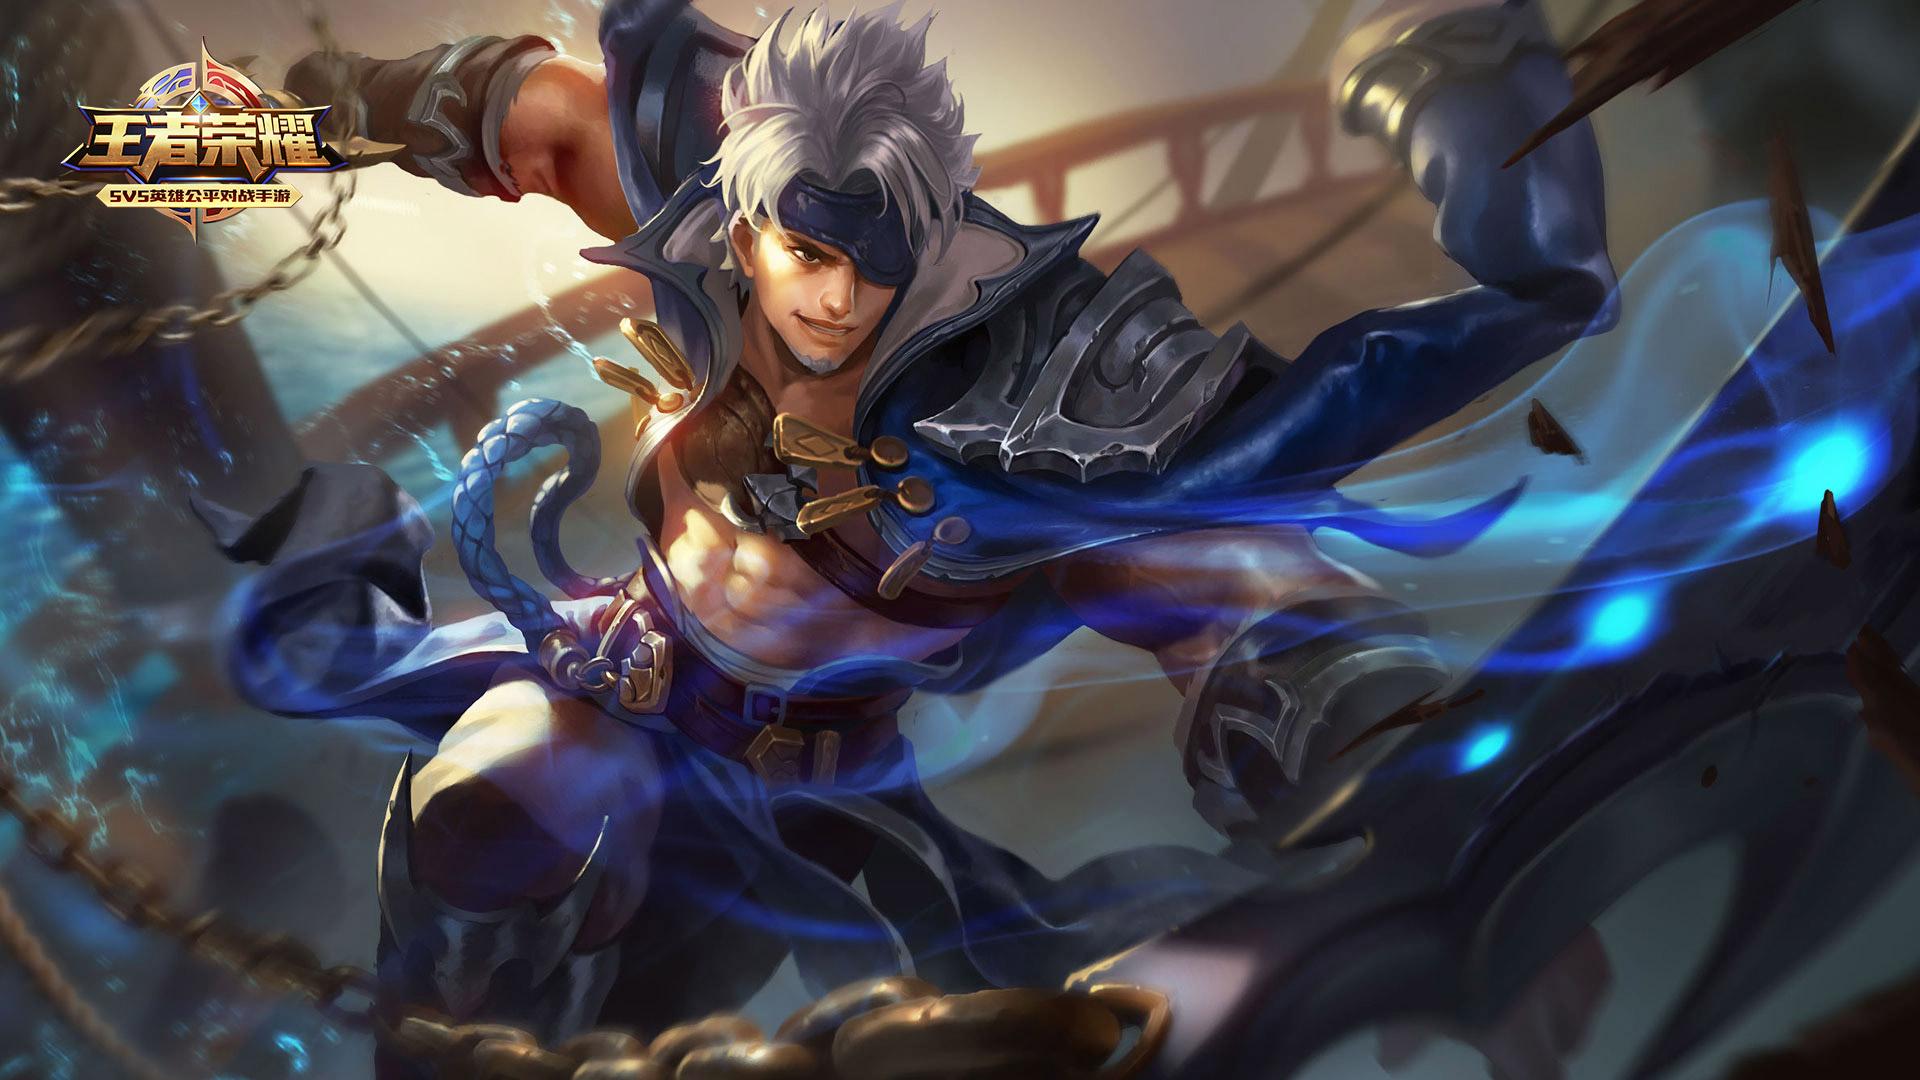 第1弹《王者荣耀英雄皮肤CG》竞技游戏162